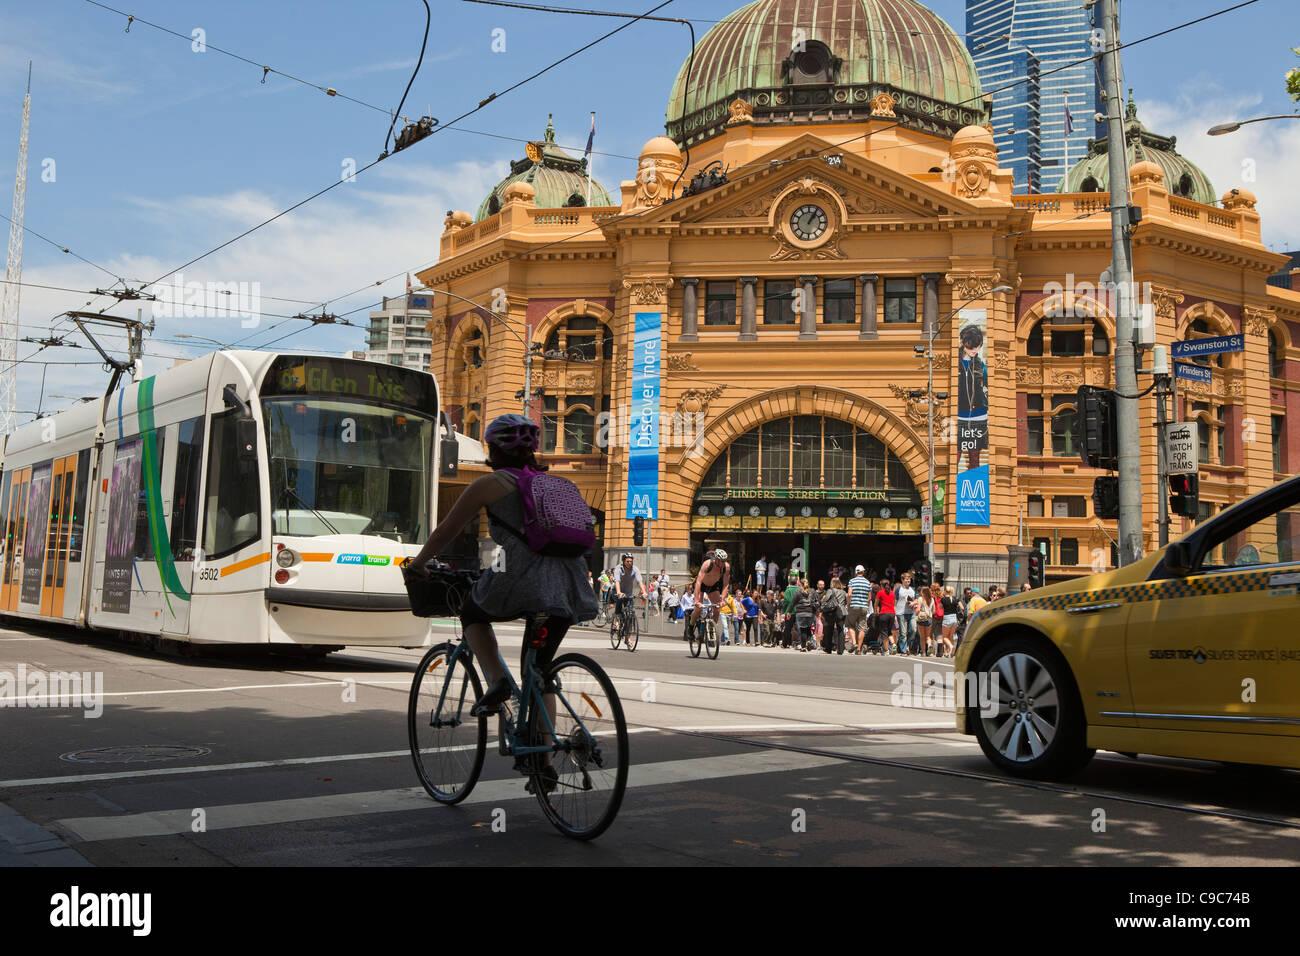 Sunny Melbourne journée sur les systèmes de transport public de la ville. Vélo Taxi et des tramways et même la ville train à la gare de Flinders Street. Banque D'Images